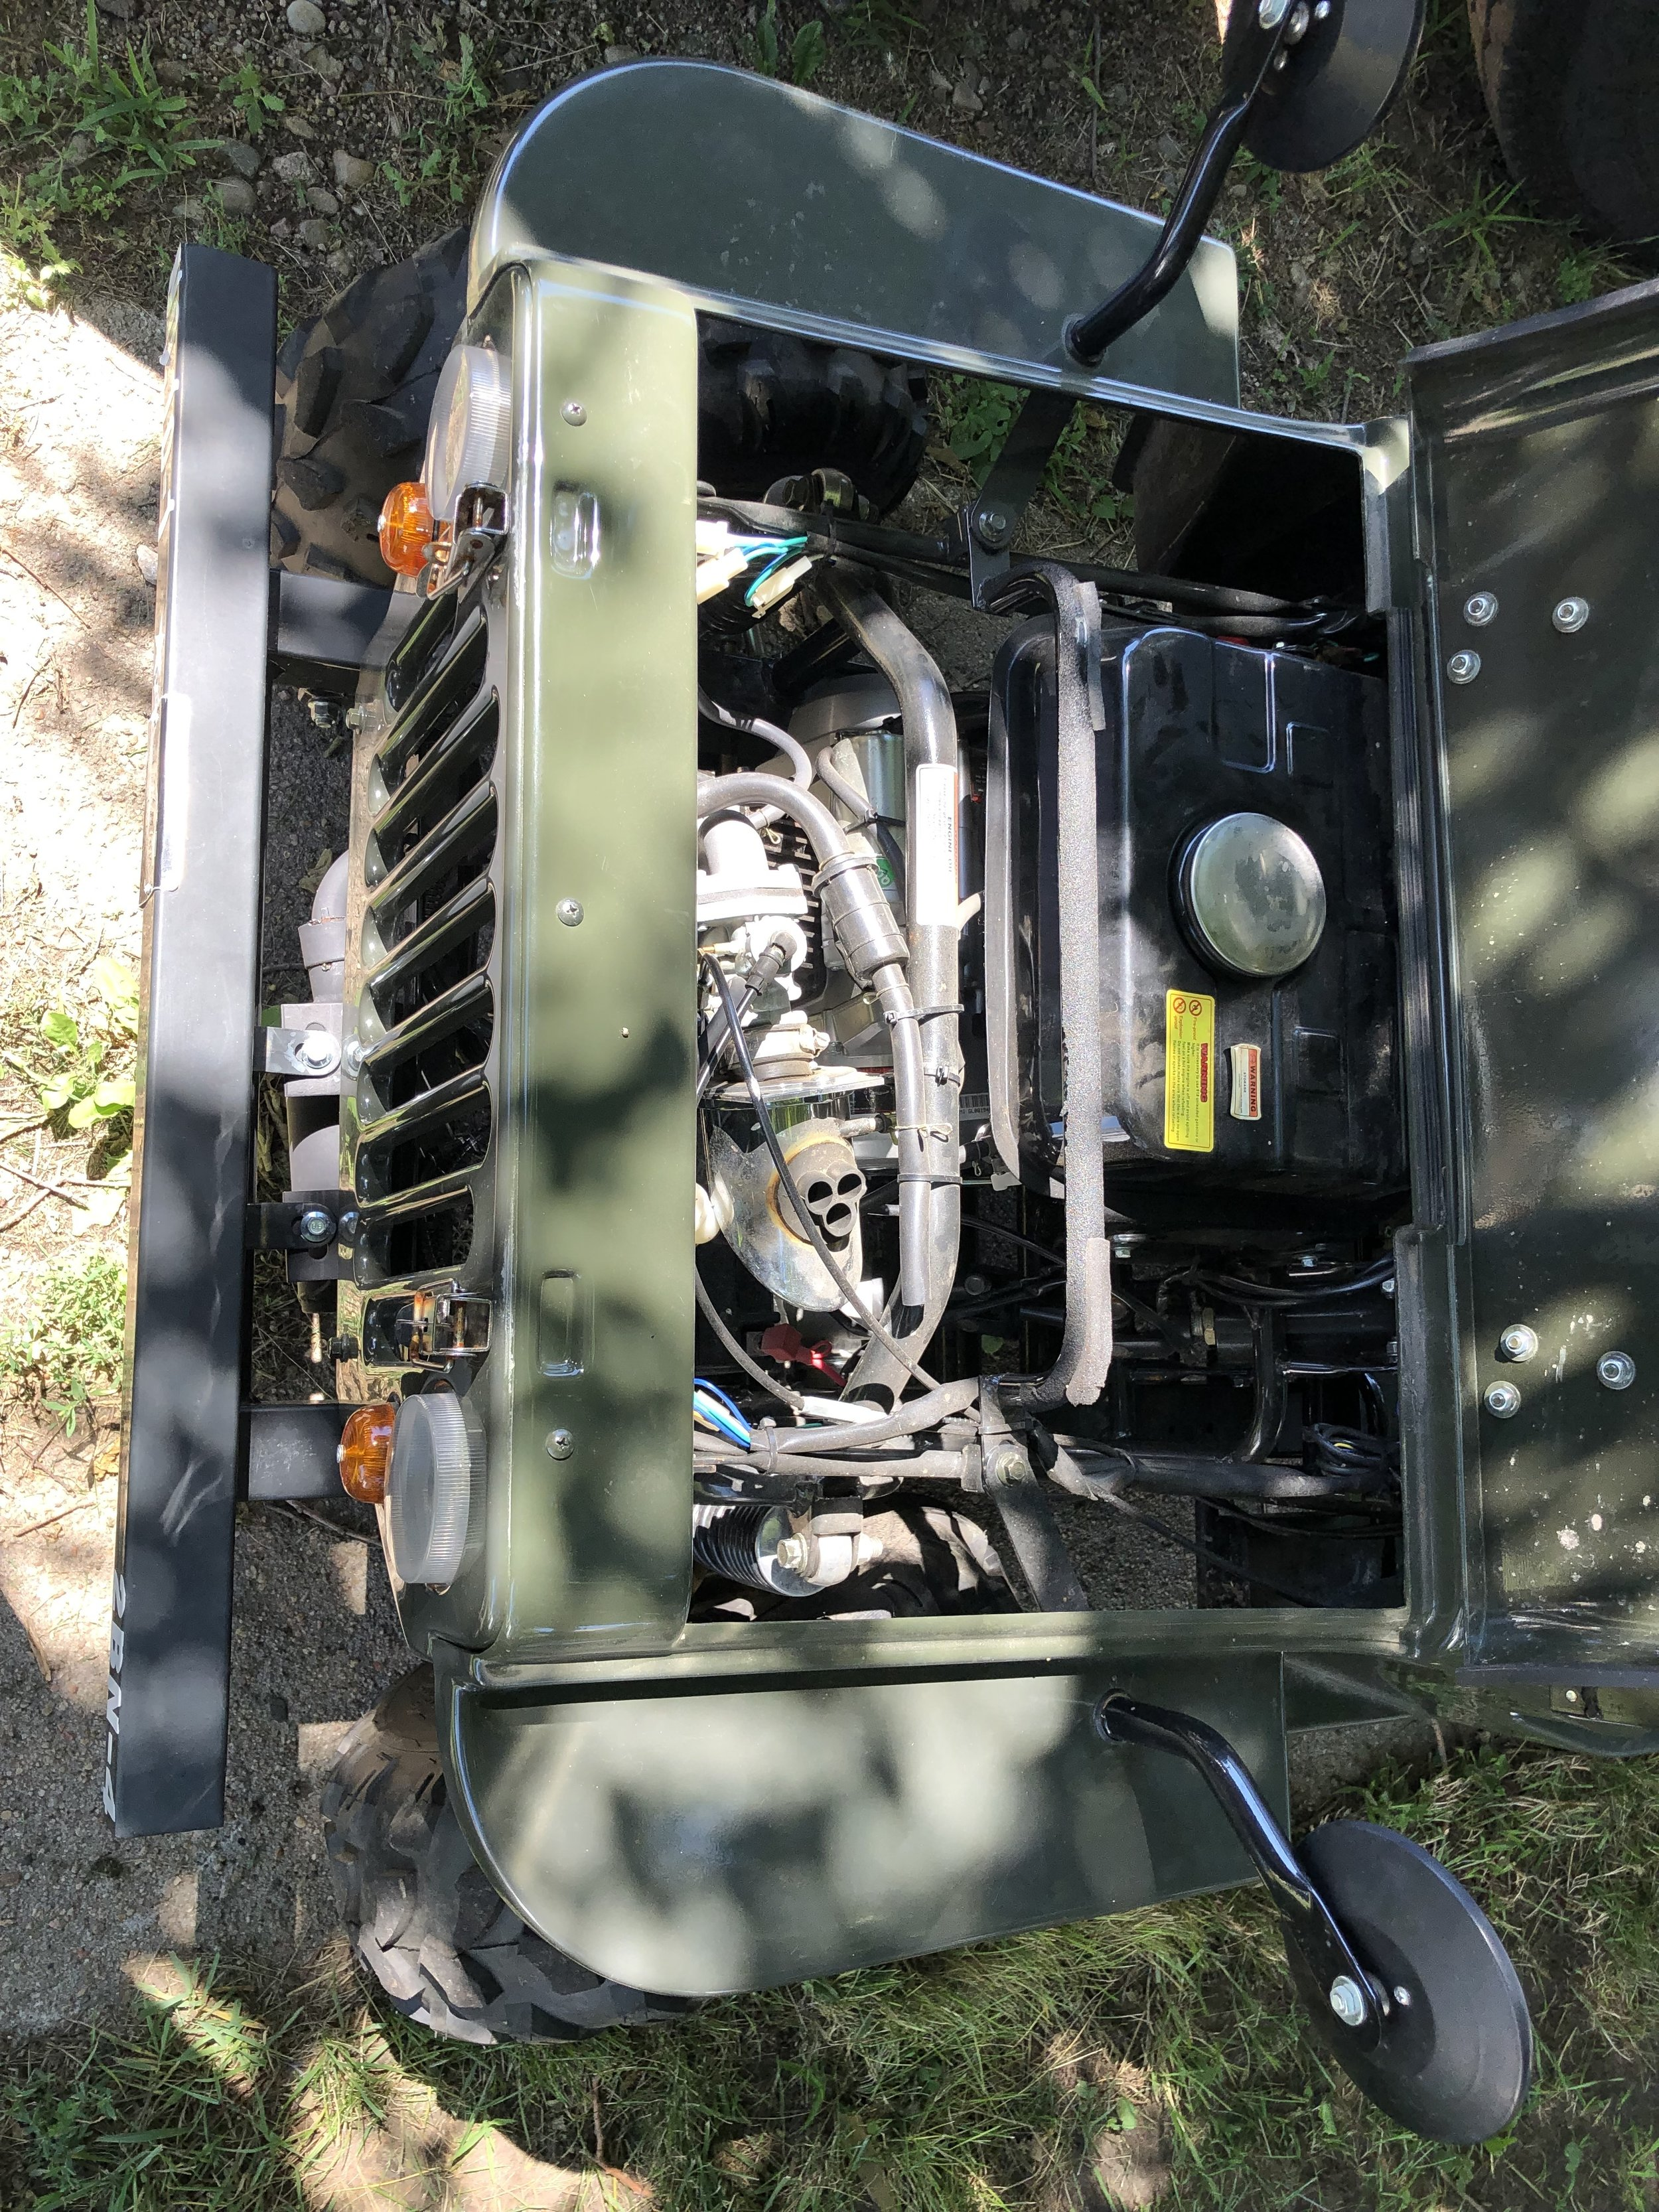 25D34B2B-BFAD-4290-9D04-A45D2C1C9A71.jpeg